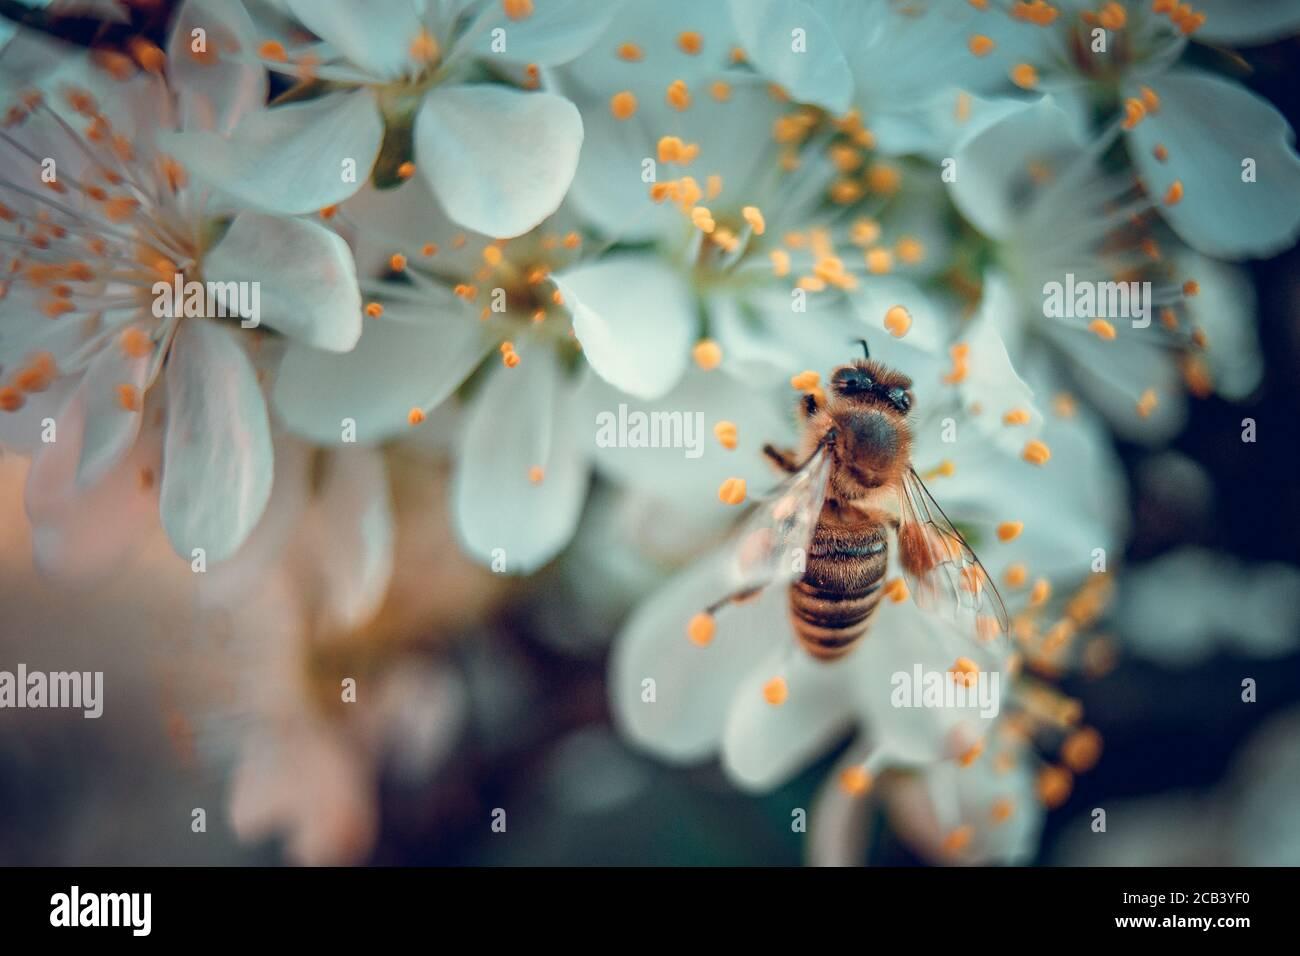 L'abeille recueille le pollen des fleurs de prune blanches. Scène printanière en pleine floraison Banque D'Images